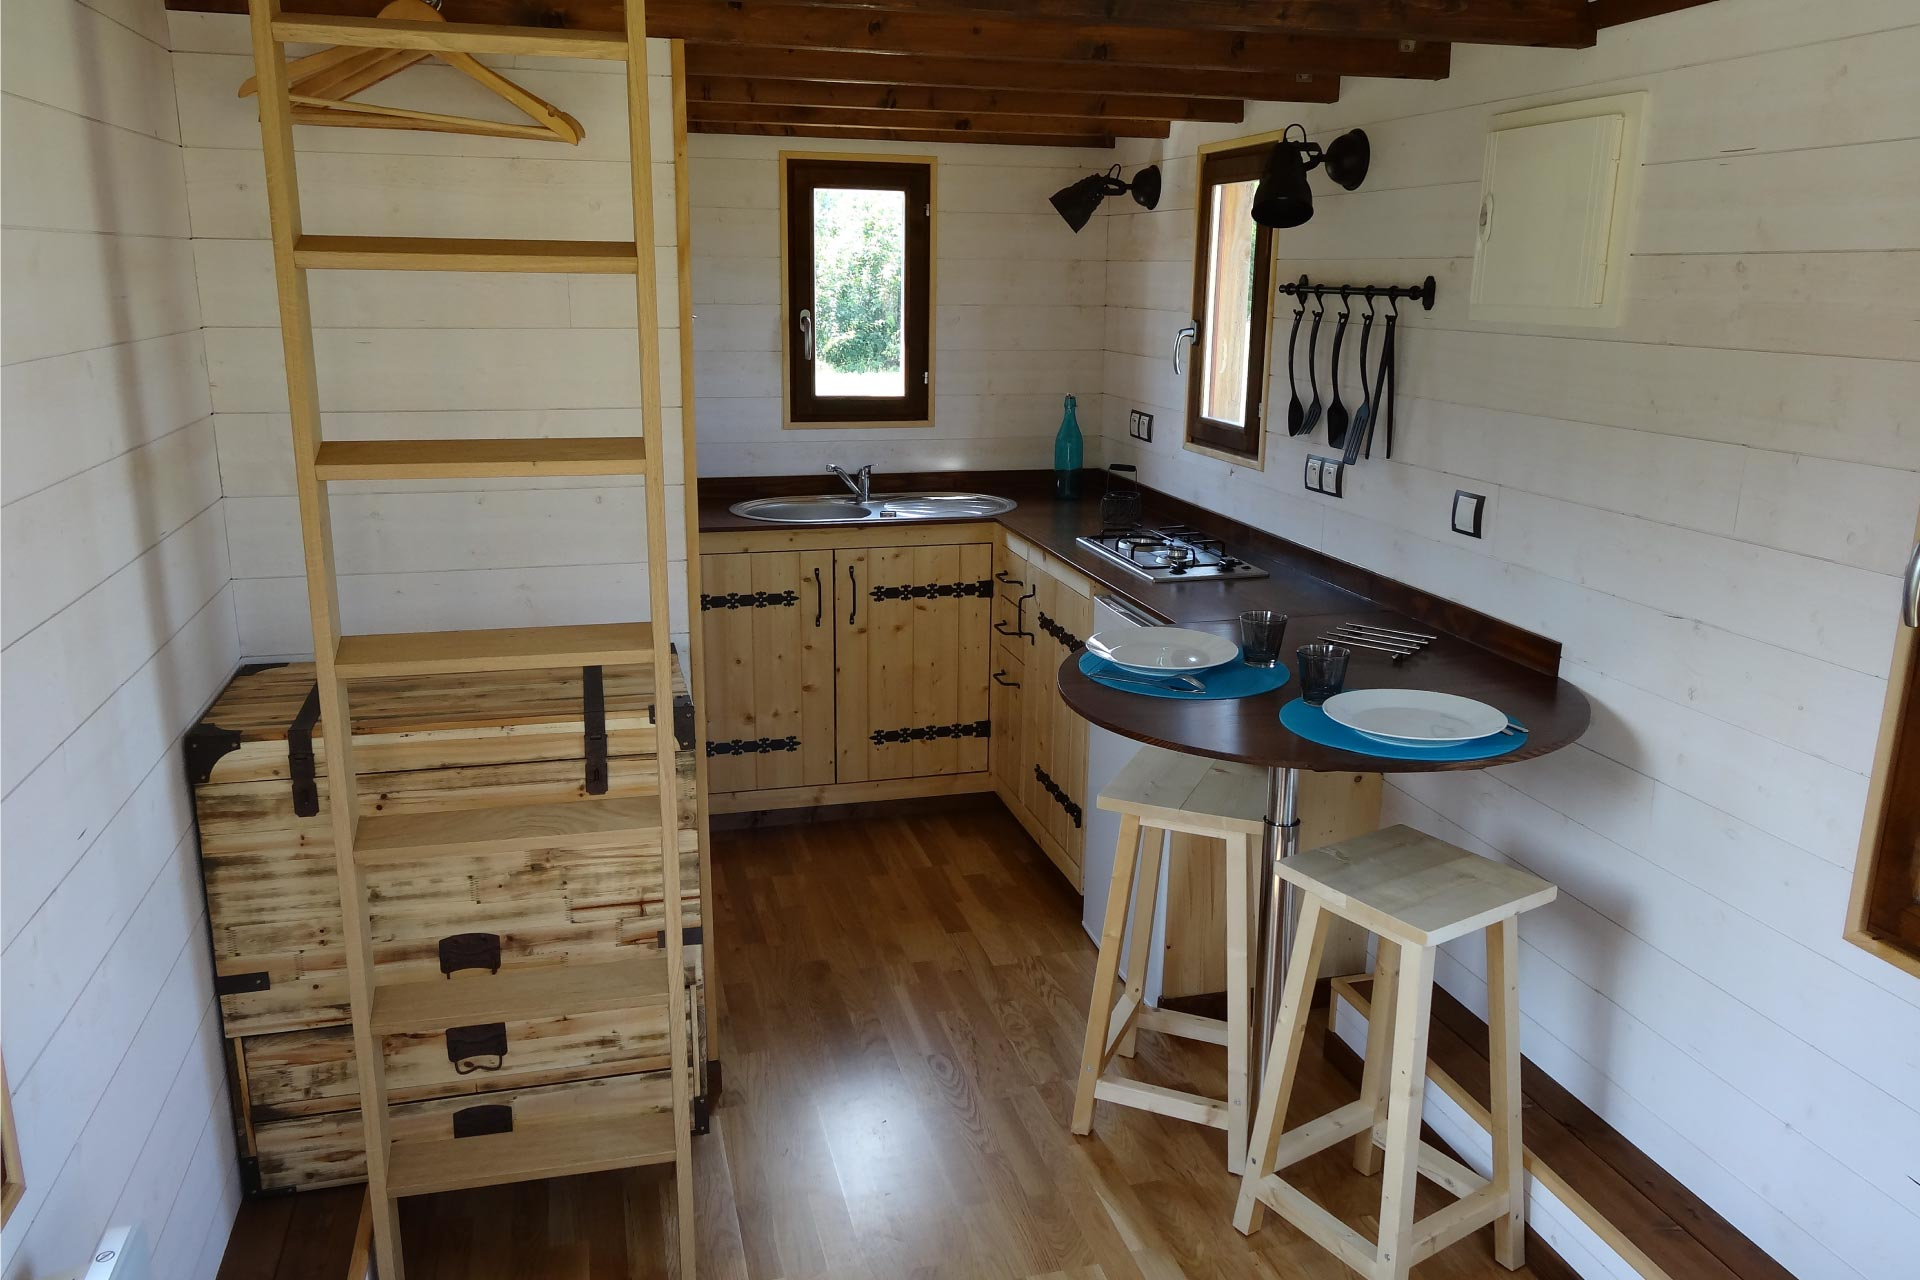 cuine équipée d'un modèle de tiny house (chalet nomade)